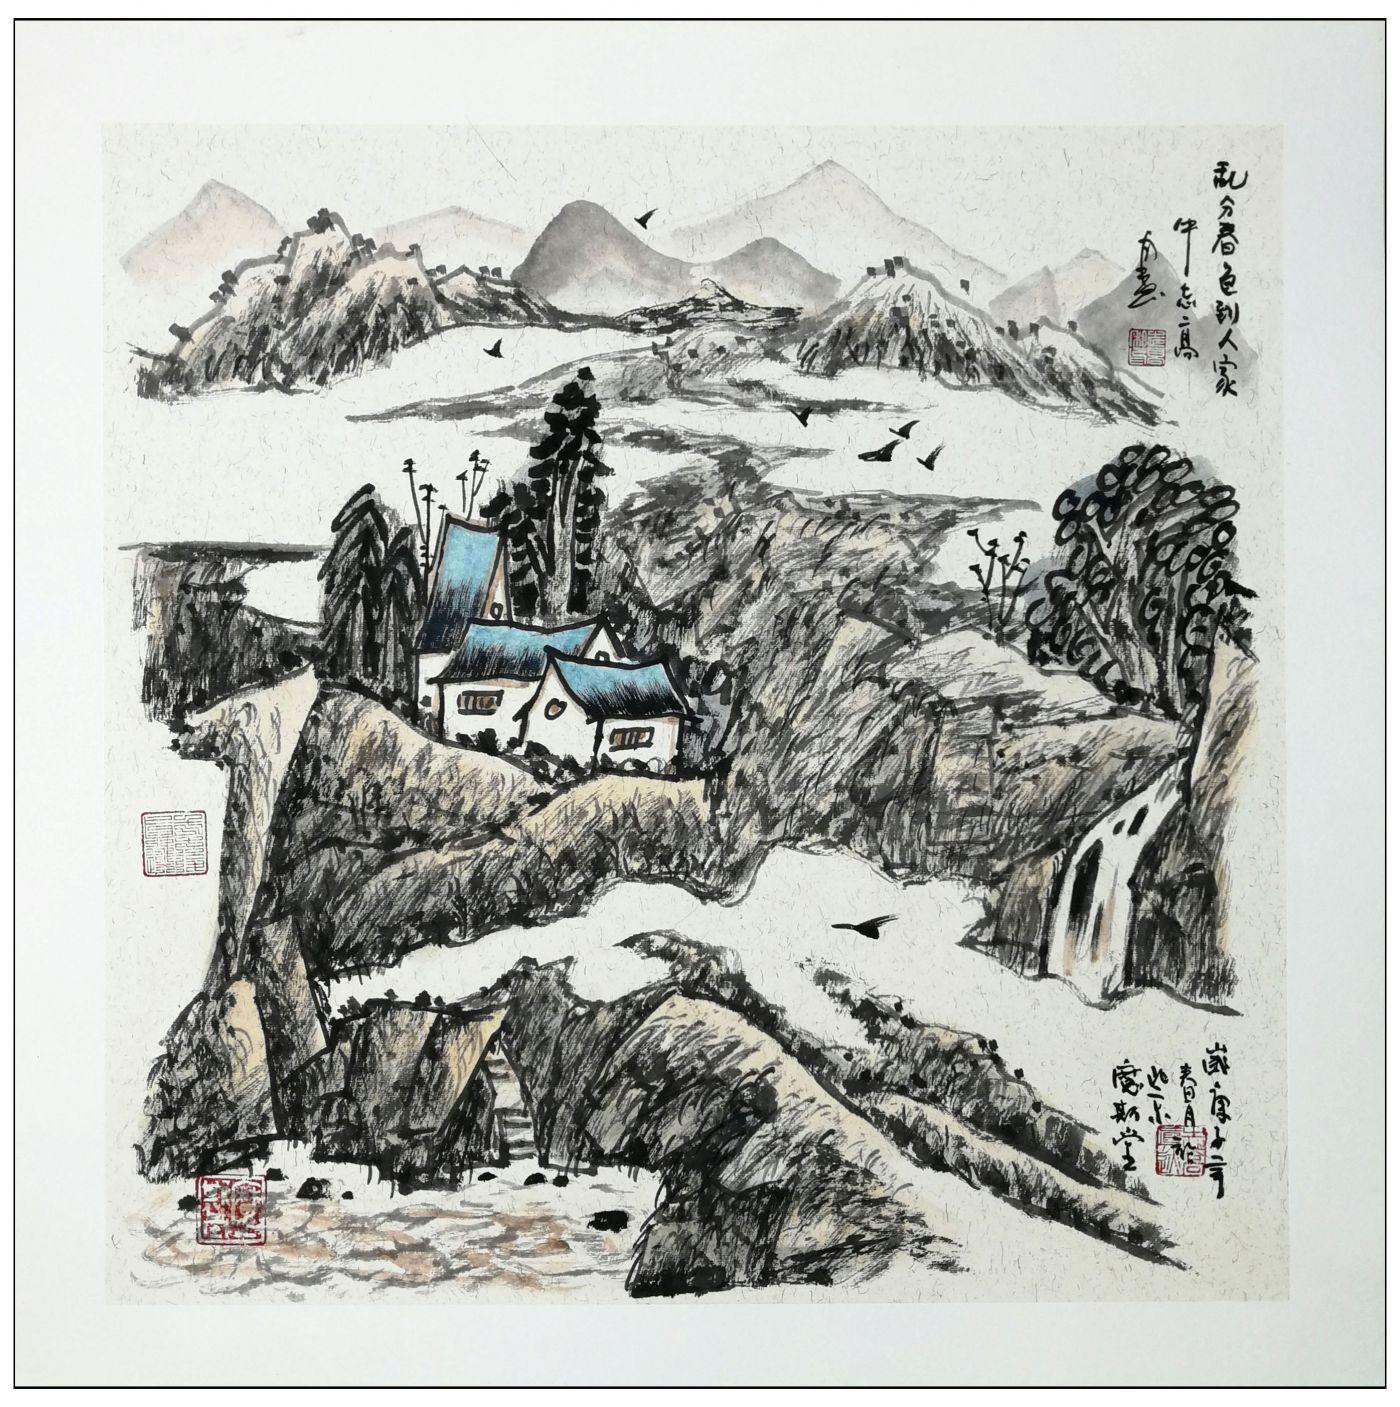 牛志高2020山水画新作-----2020.07.05_图1-6